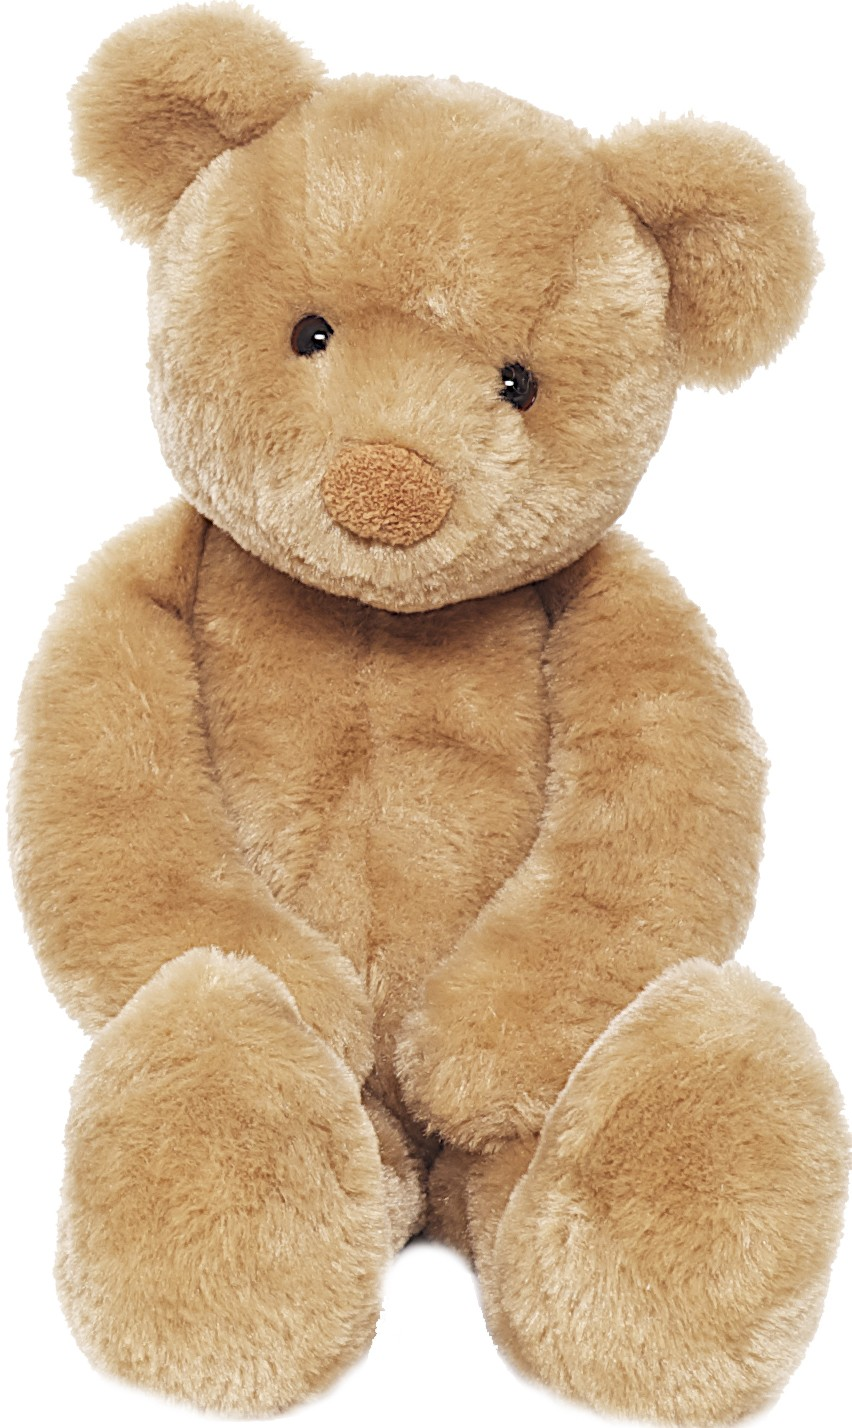 Nalle Teddy Mink, Stor nalle, 45cm - Teddykompaniet